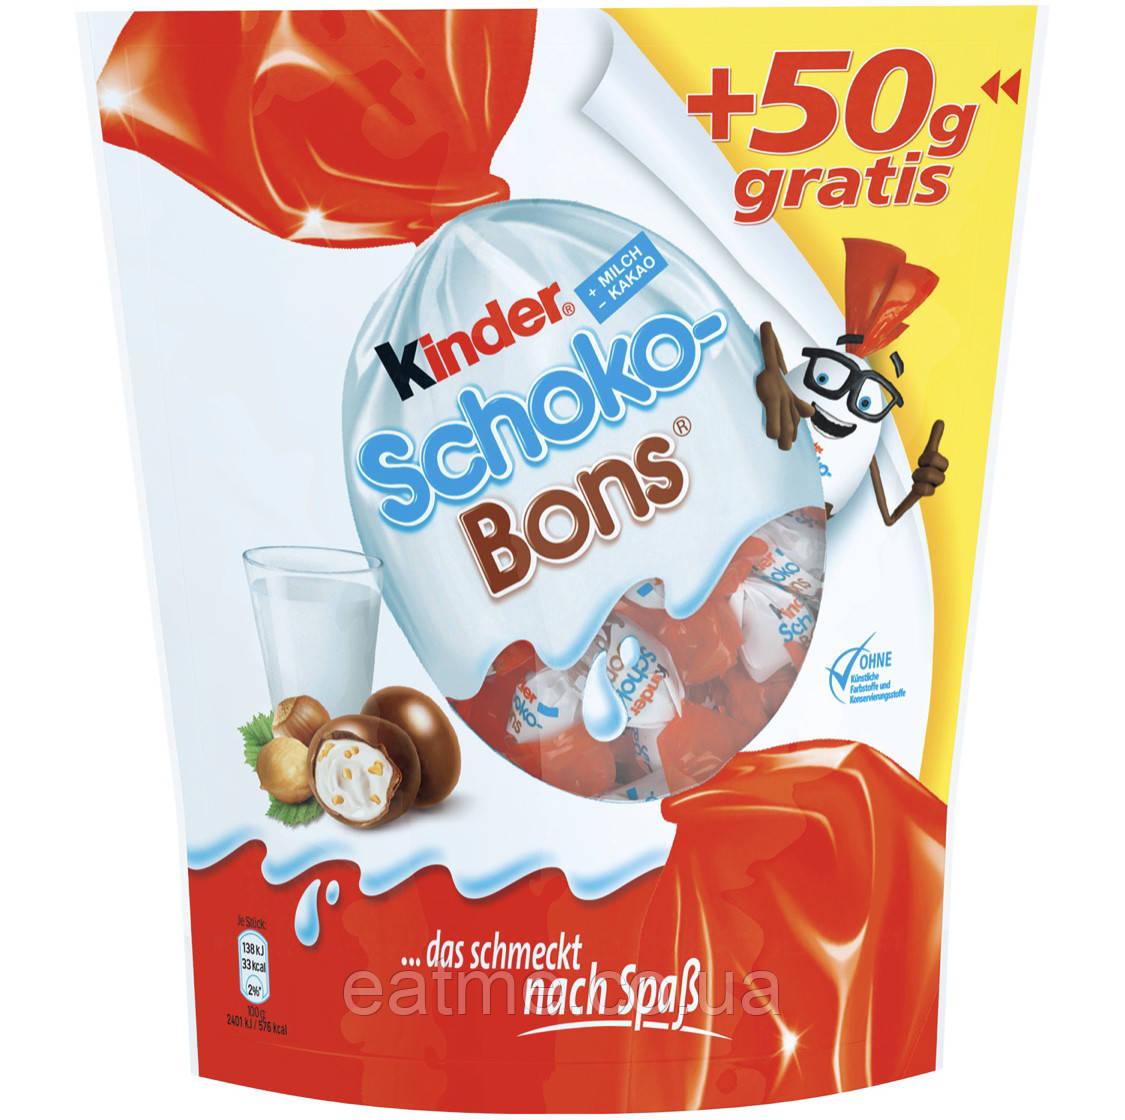 Кinder Schoko-Bons Шоколадные мини Яйца с молочной начинкой и дроблённым фундуком